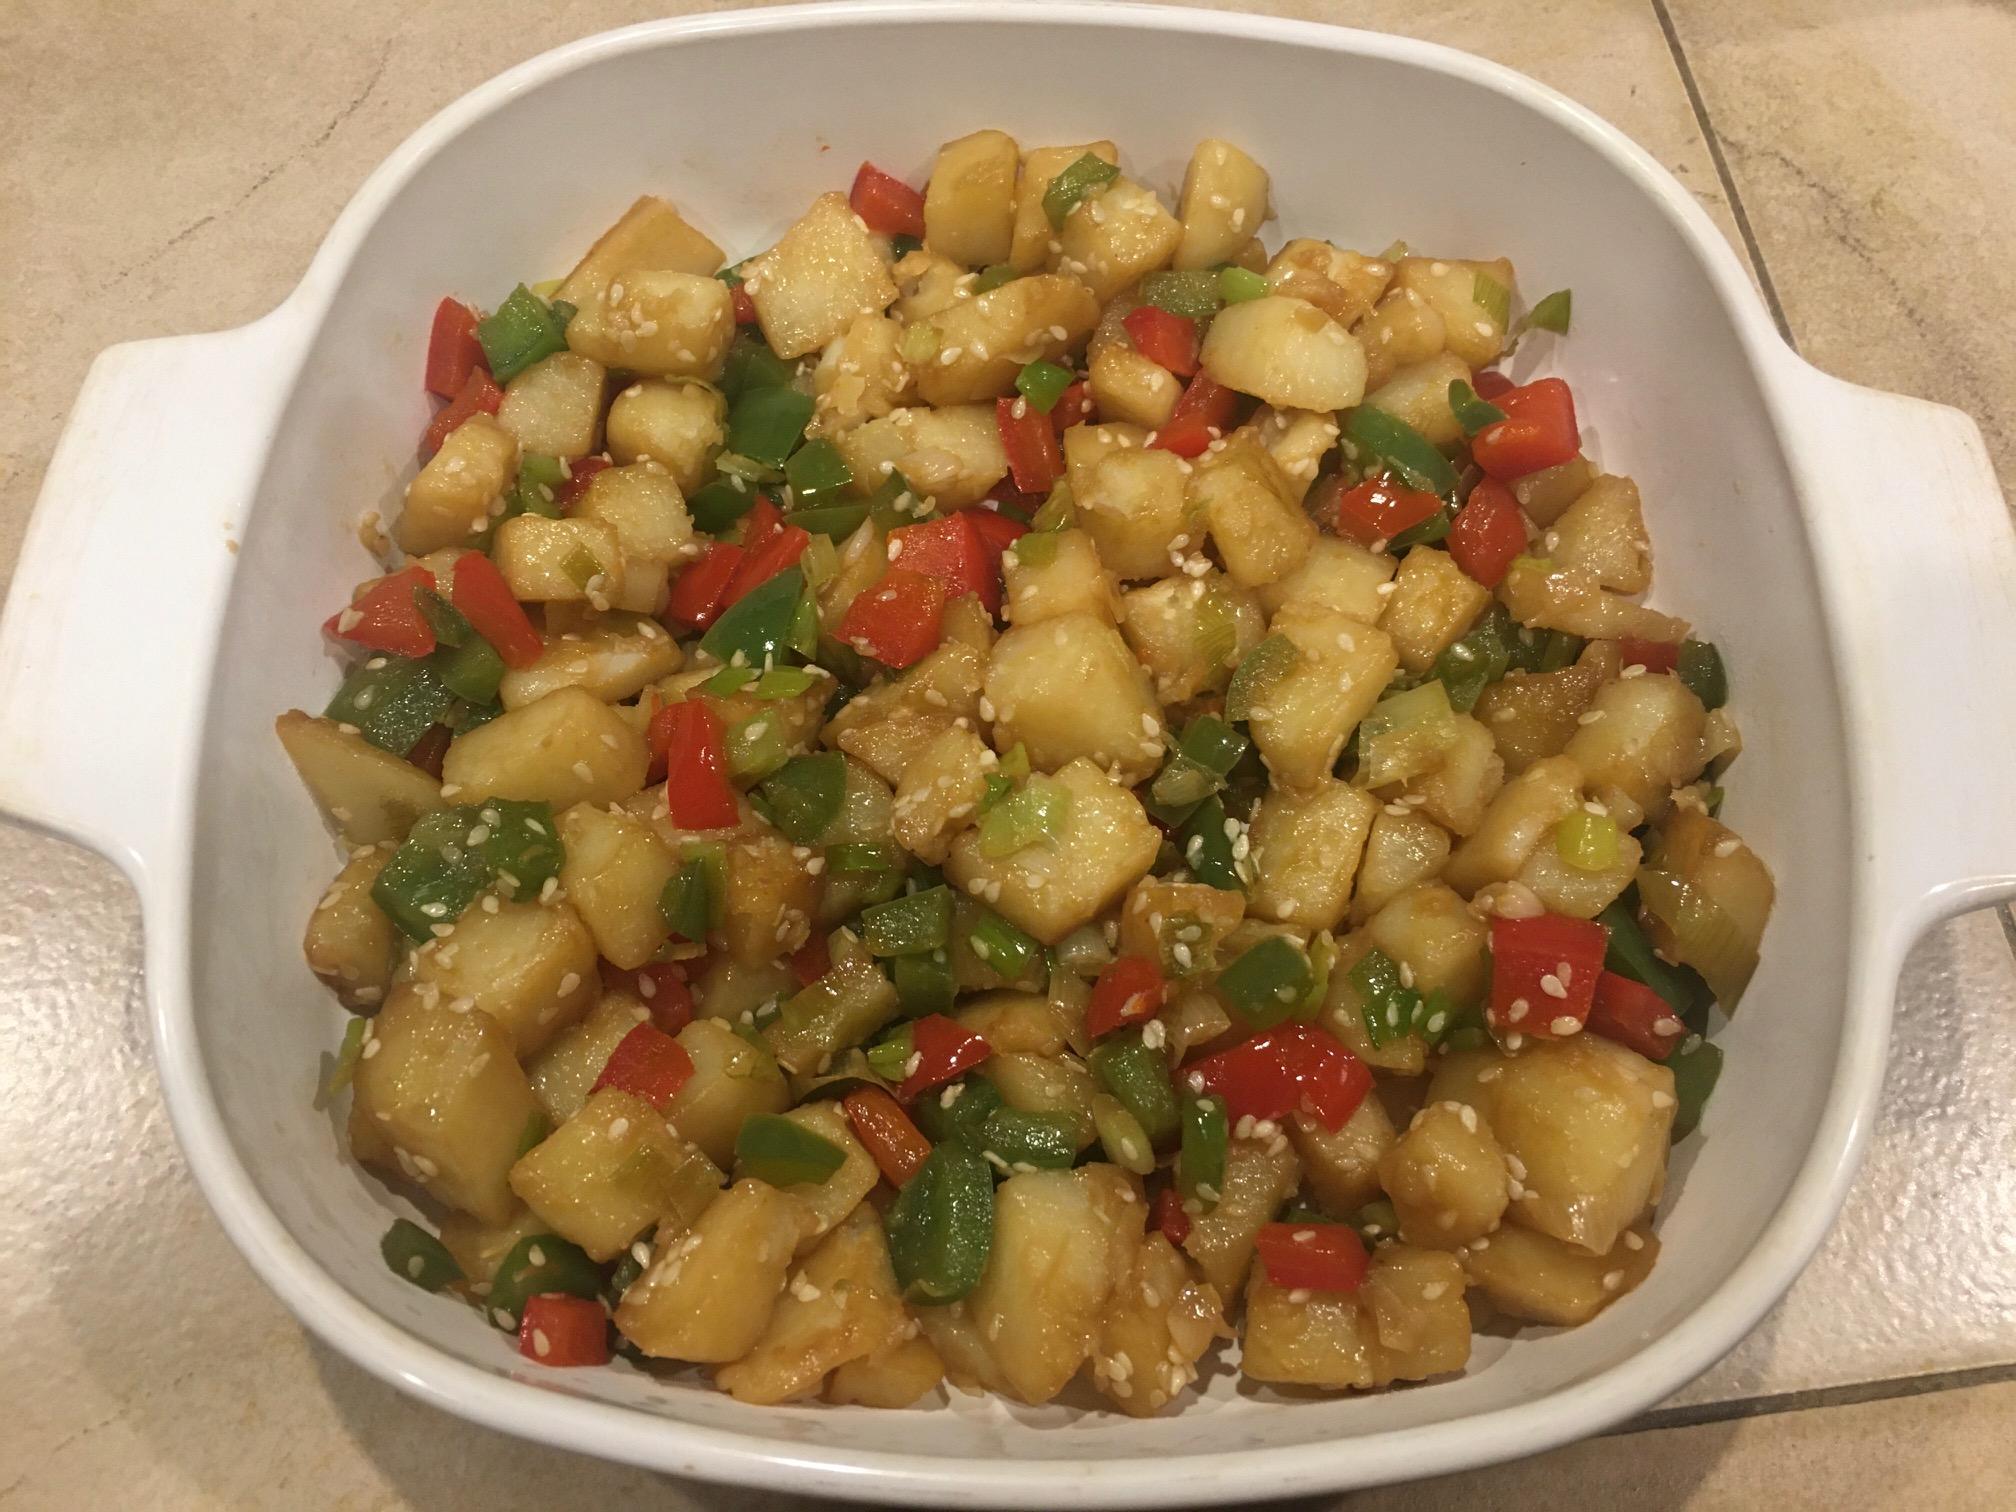 Fiery Red Pepper Potatoes